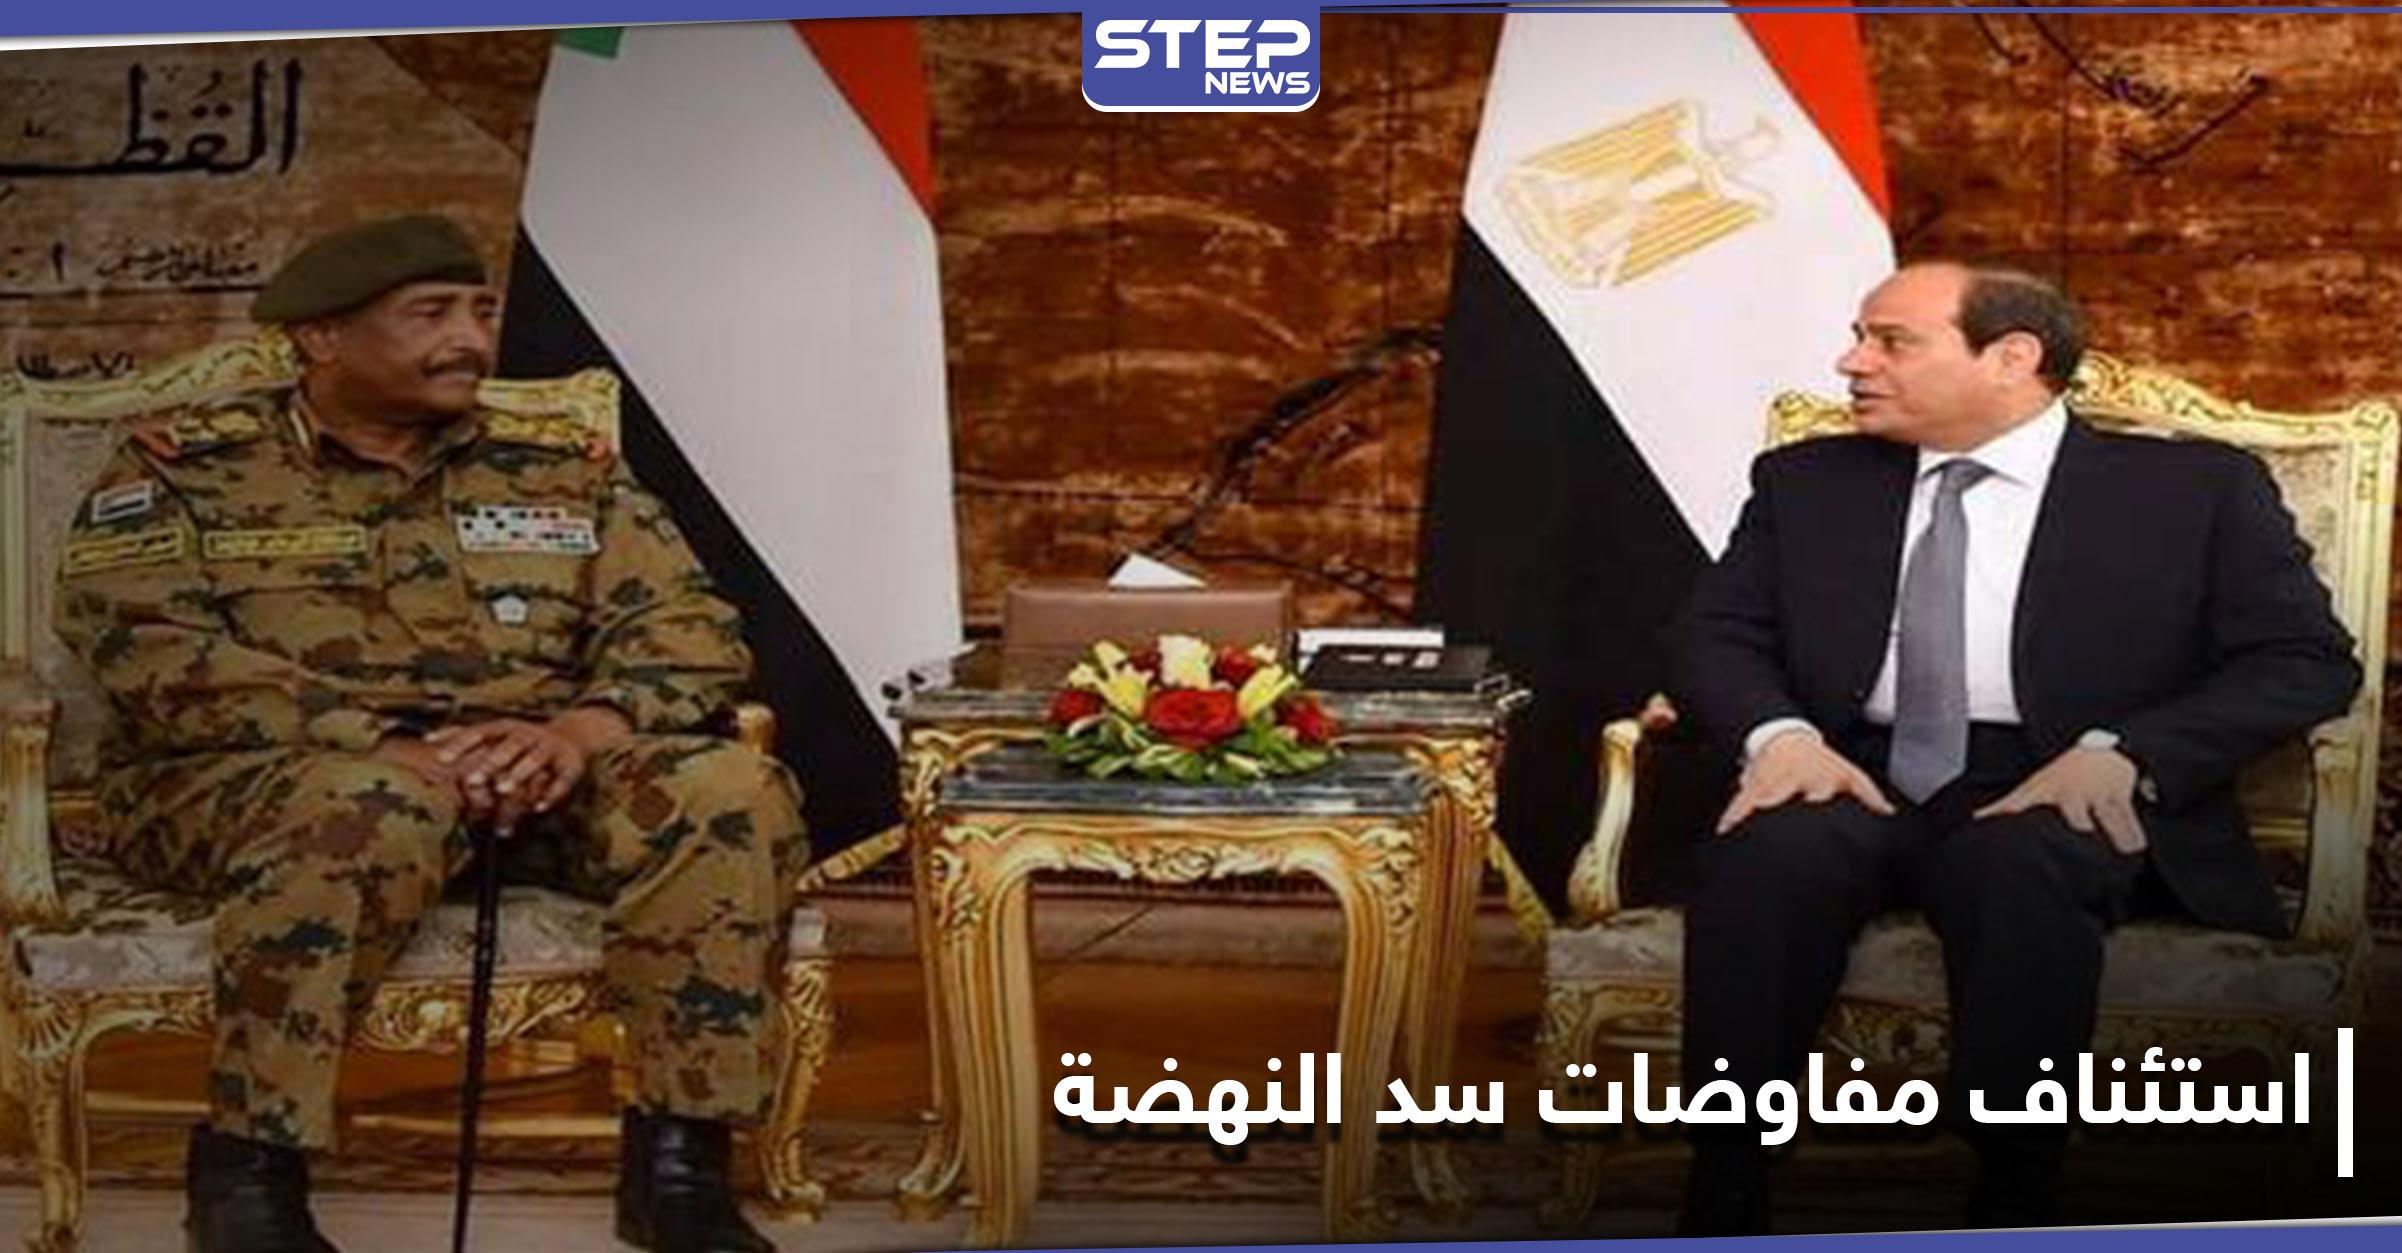 السيسي والبرهان يتفقان حول مفاوضات سد النهضة